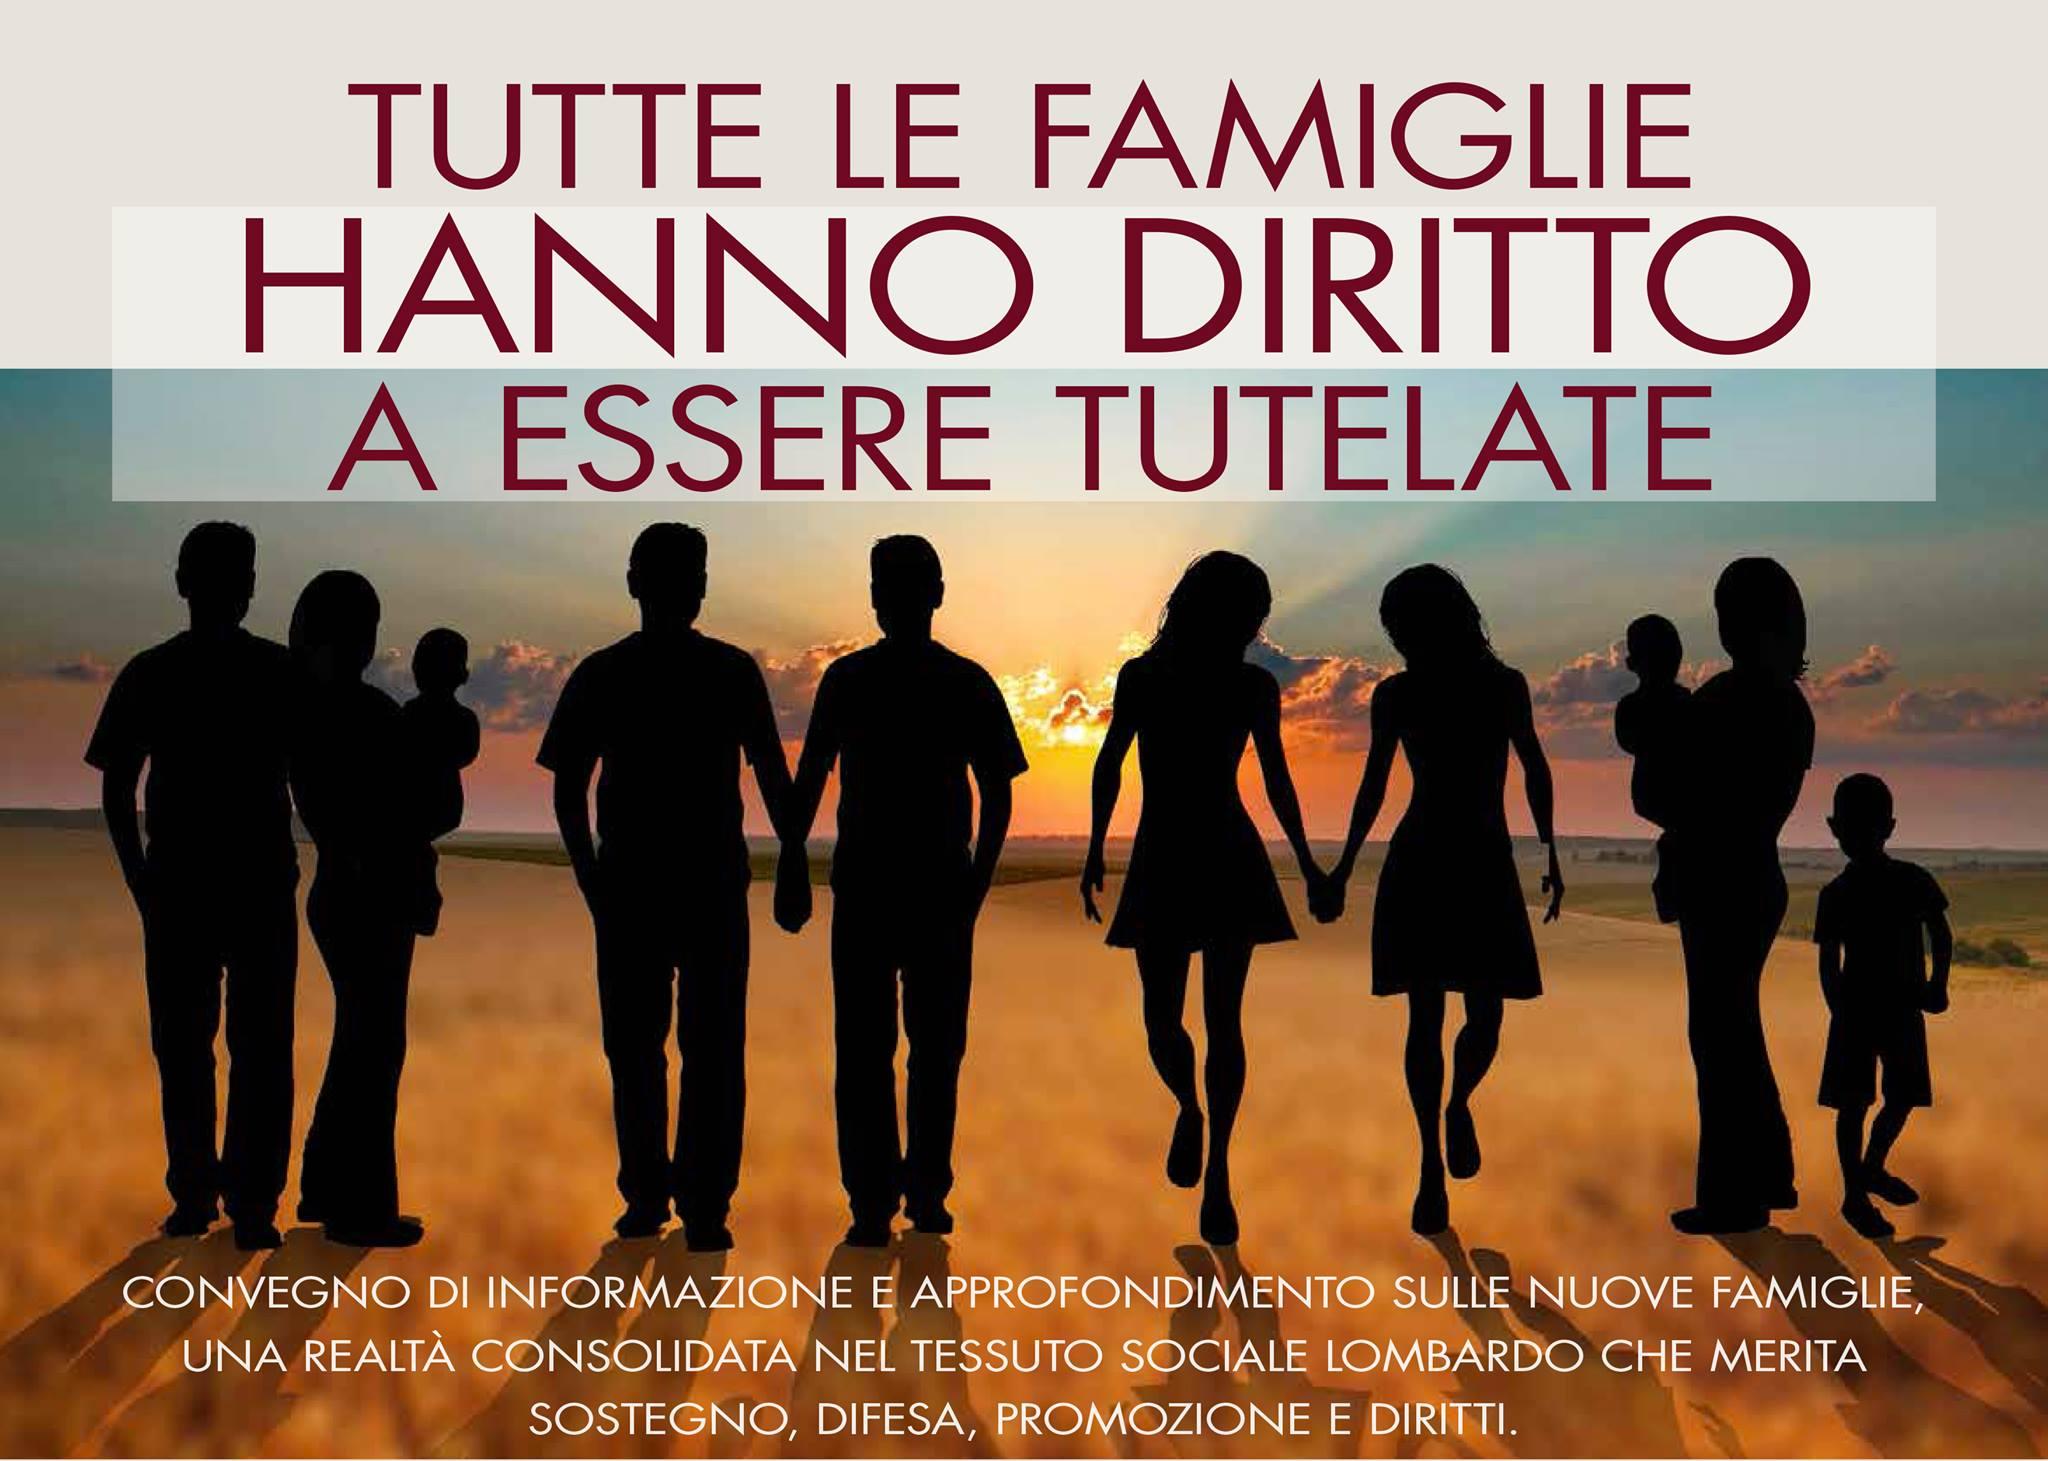 La Lista Maroni vorrebbe tappare la bocca alle famiglie omosessuali e monoparentali sospendendo il convegno sulle famiglie del M5S Lombardia: non tolleriamo veti discriminatori